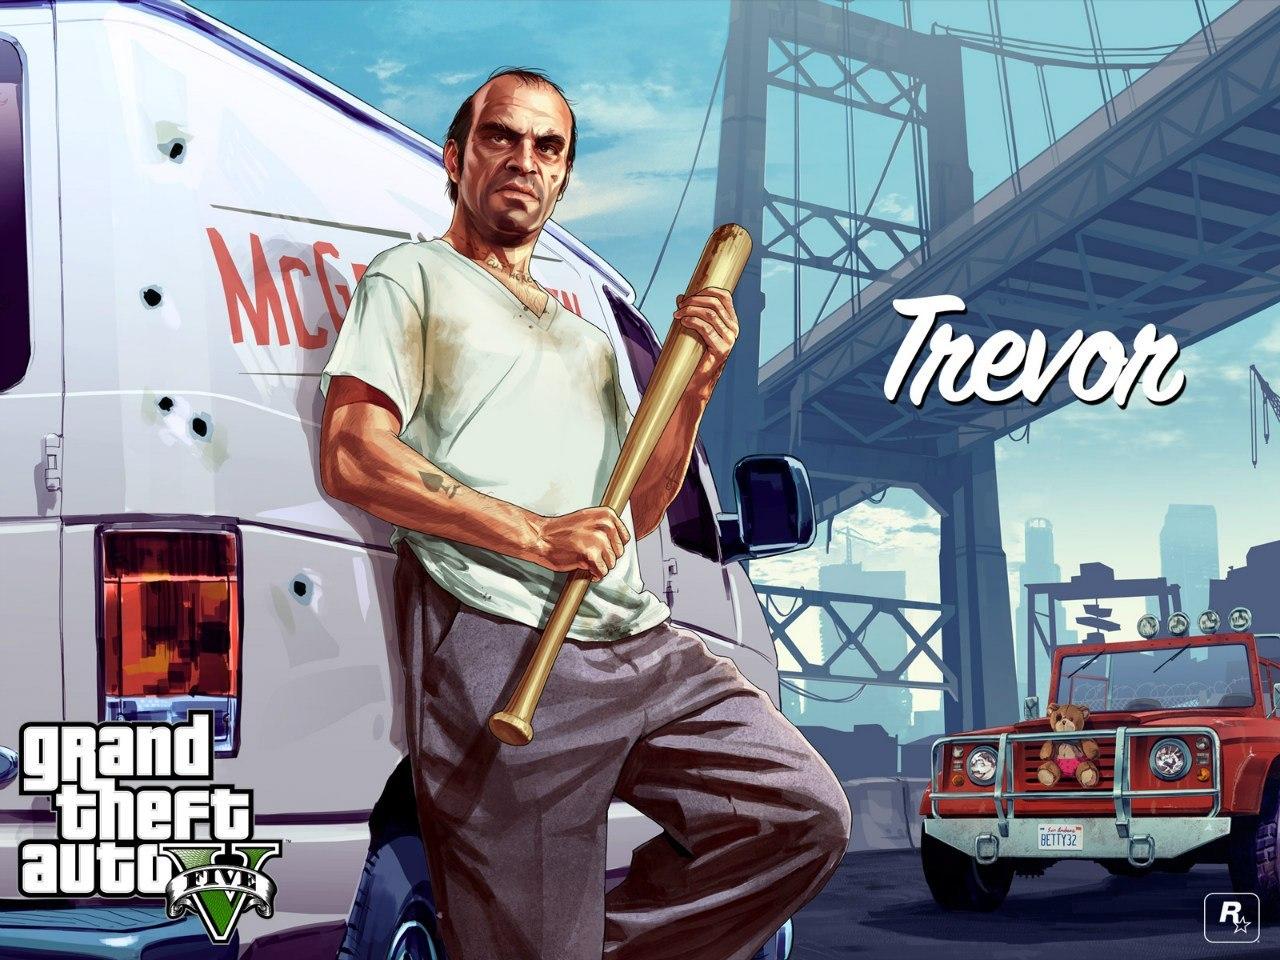 22698 Hintergrundbild herunterladen Spiele, Grand Theft Auto (Gta) - Bildschirmschoner und Bilder kostenlos